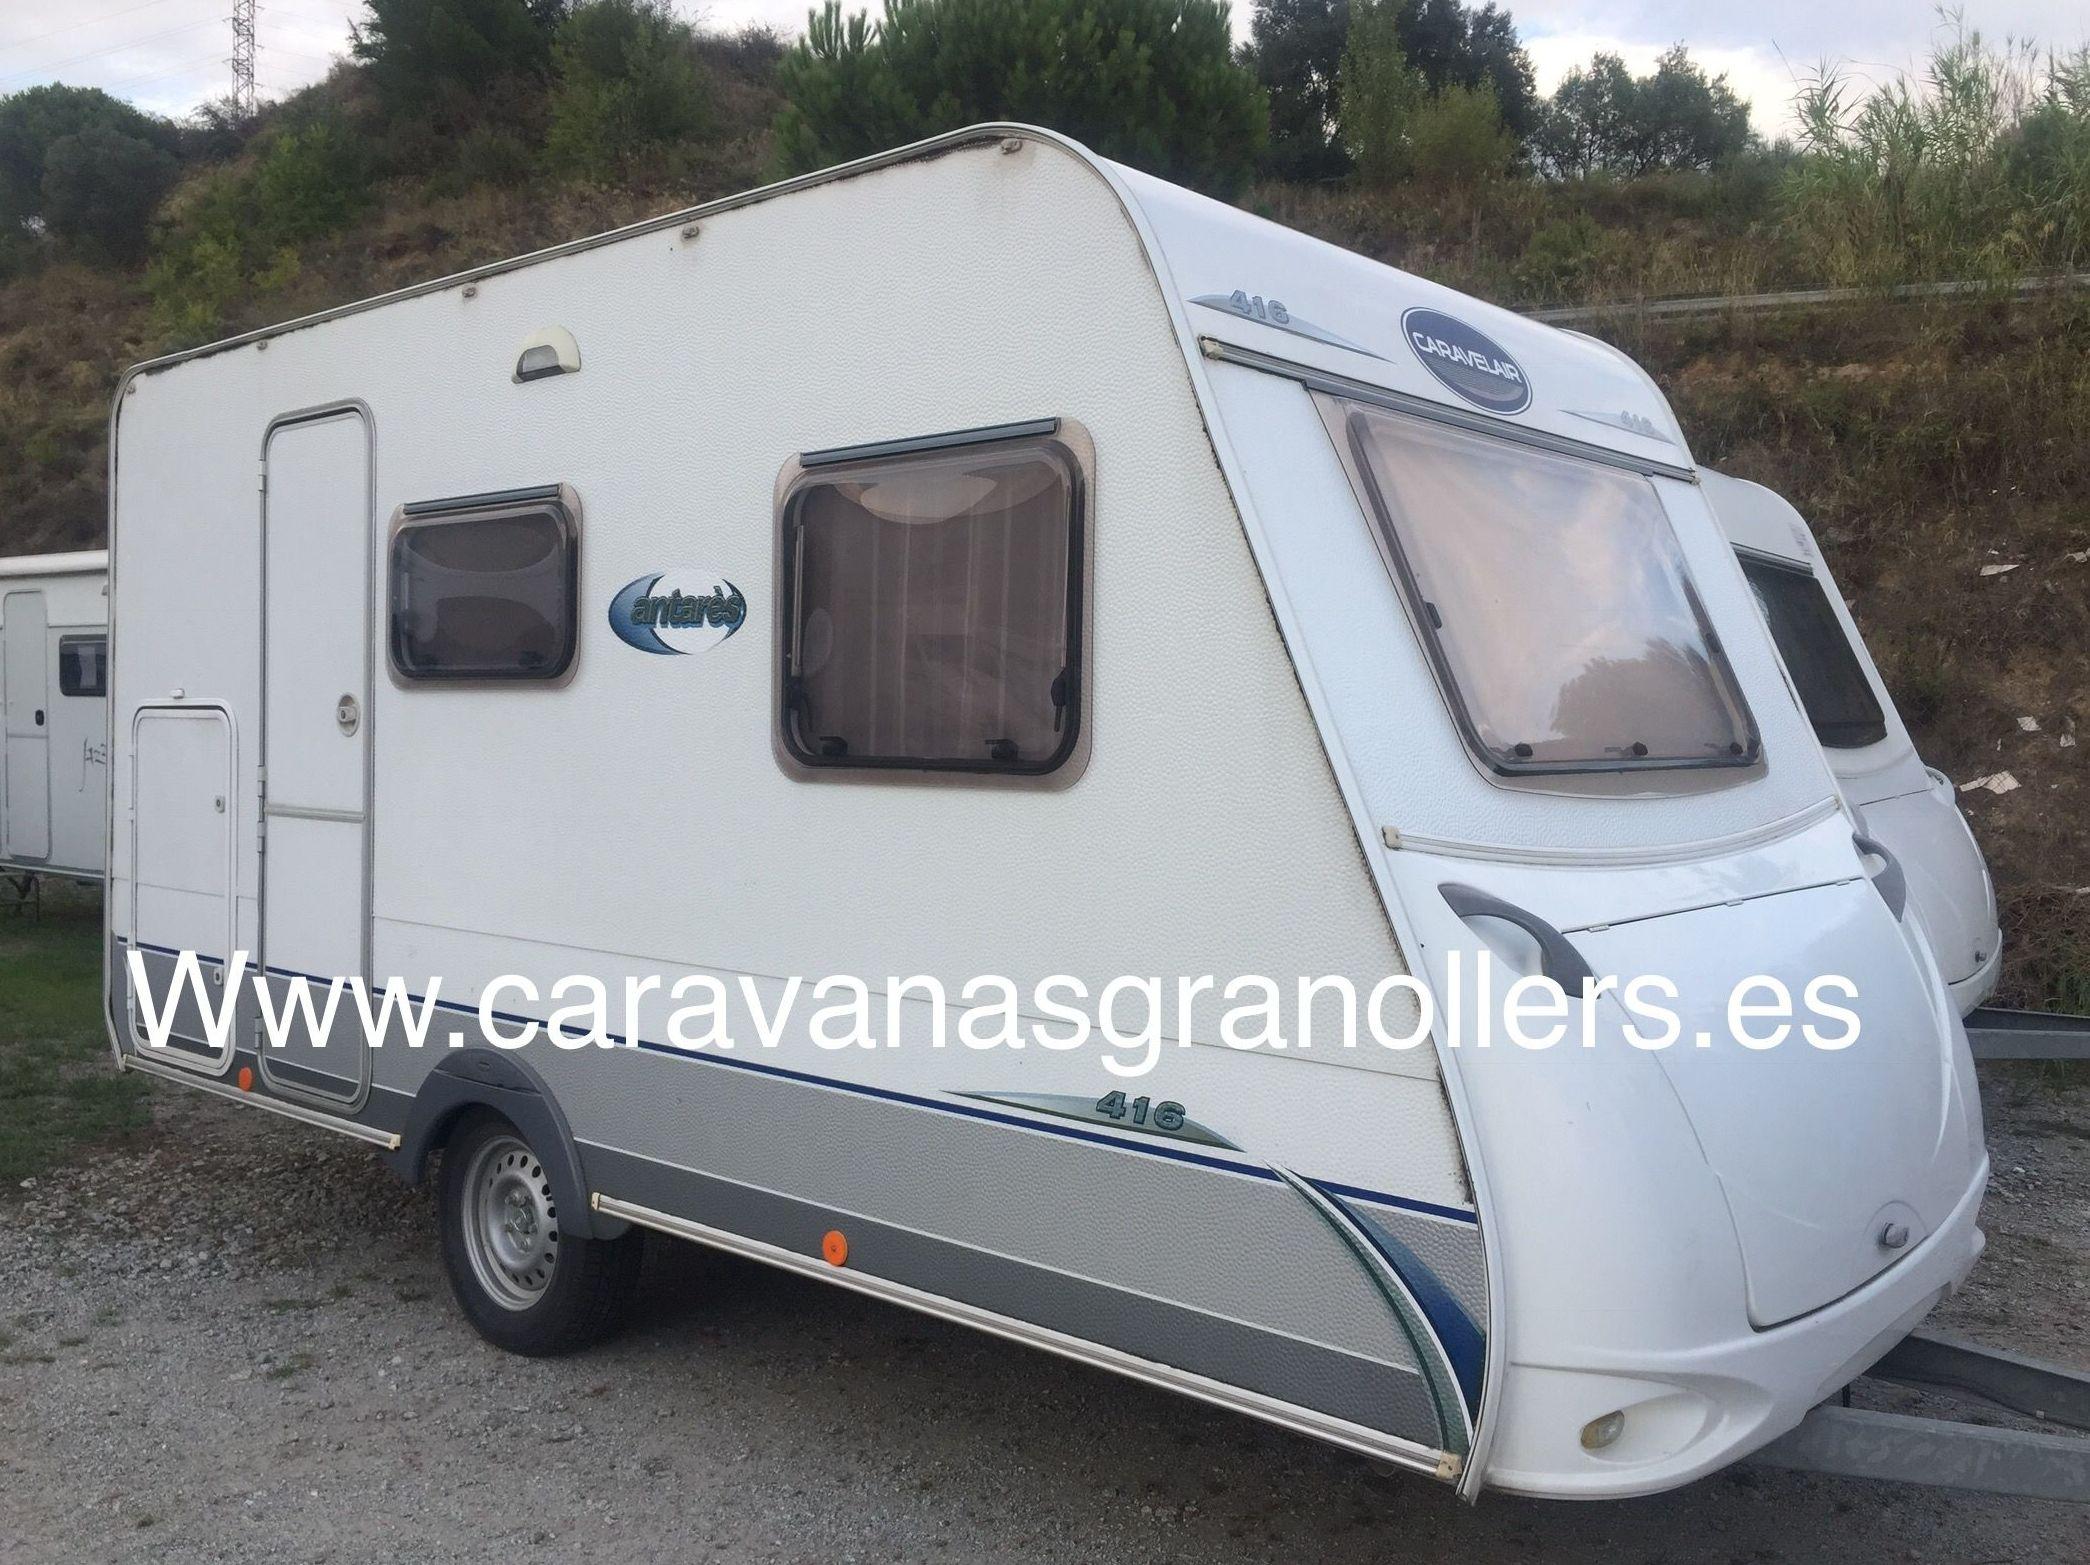 caravana caravelair antares luxe 416: Caravanas de ocasión de Caravanas Granollers